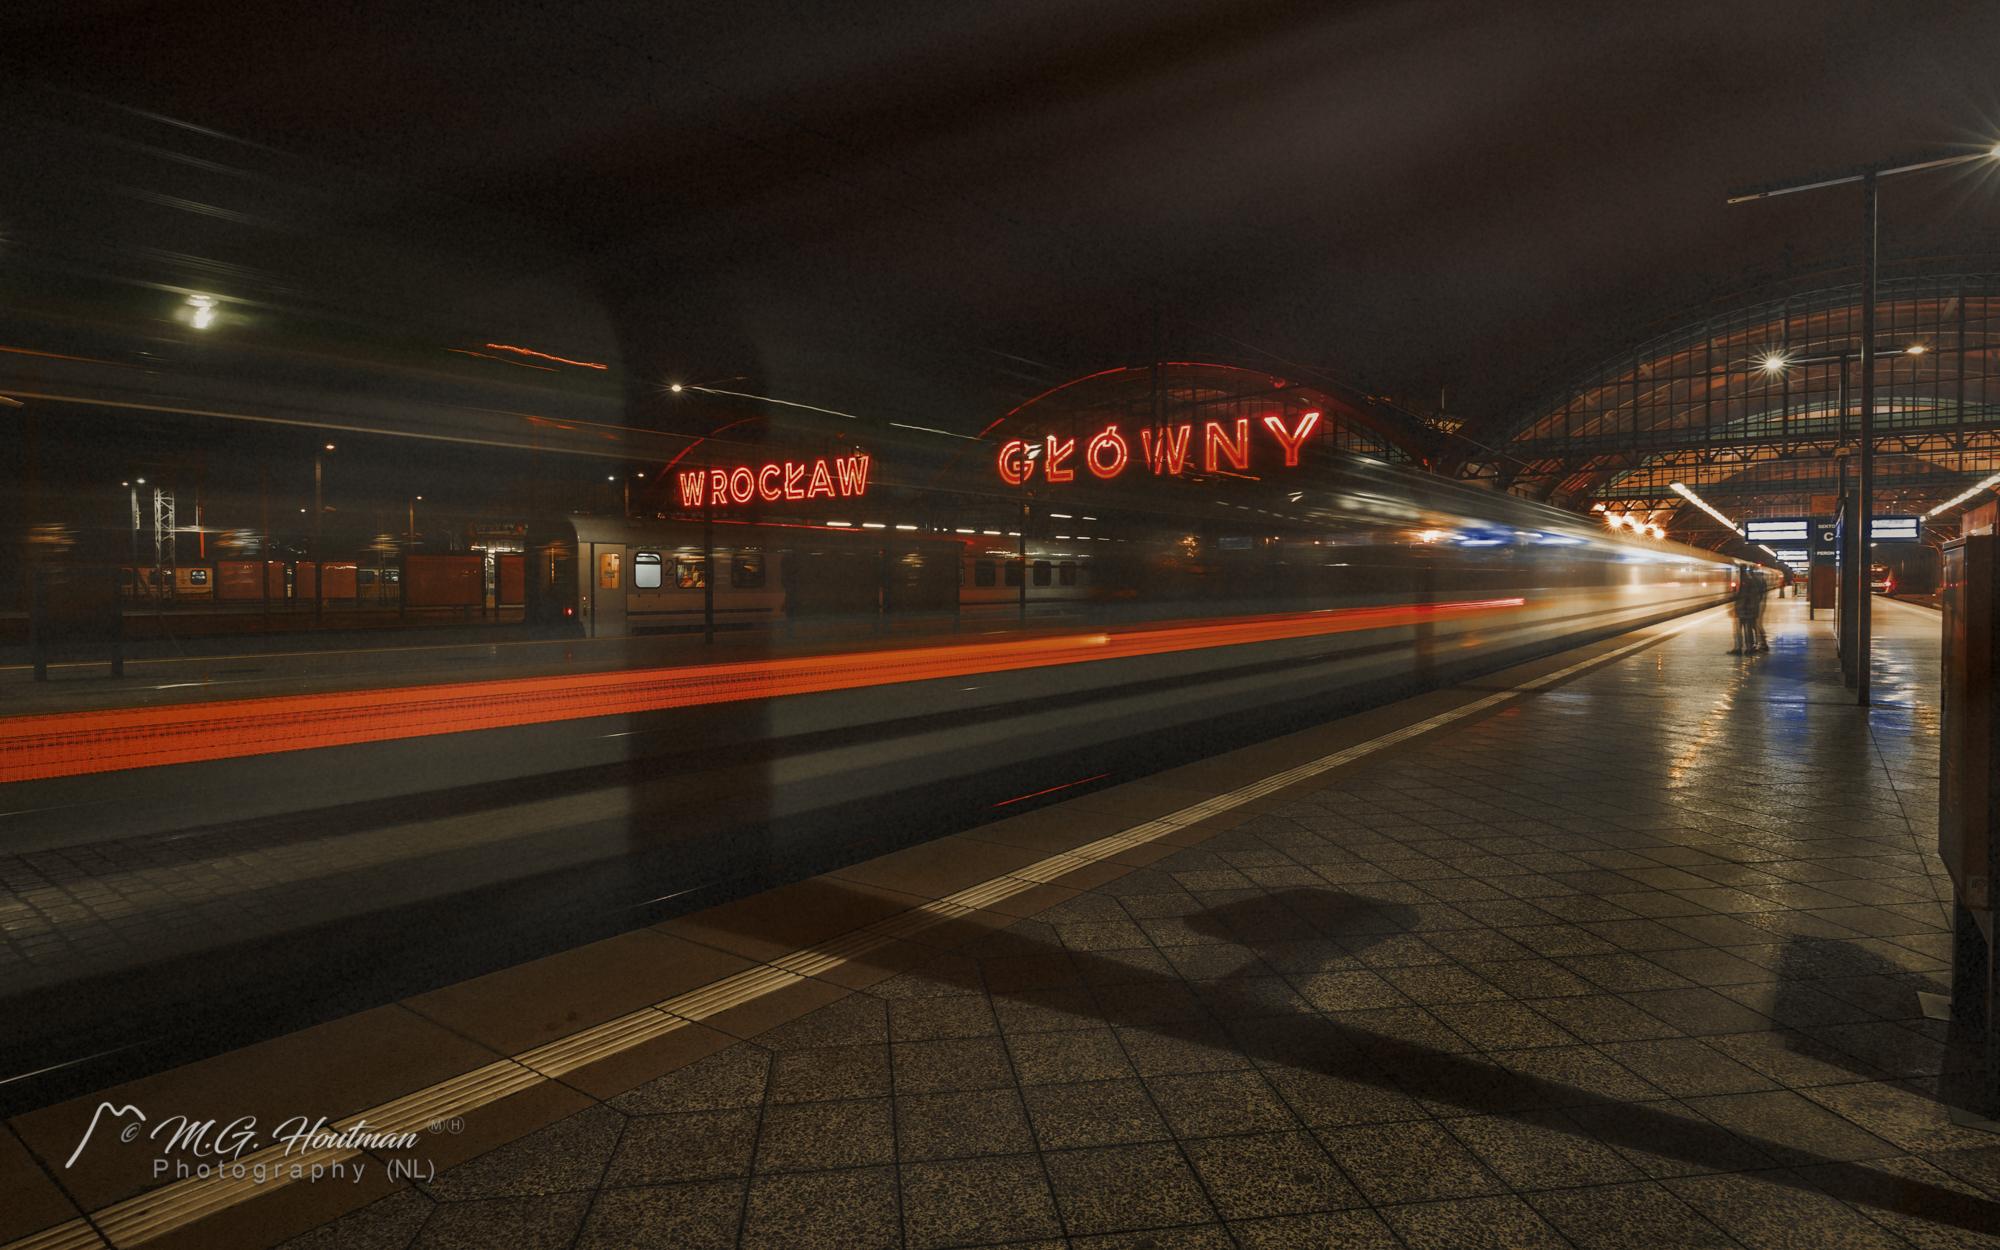 station Wrocław Główny - Poland